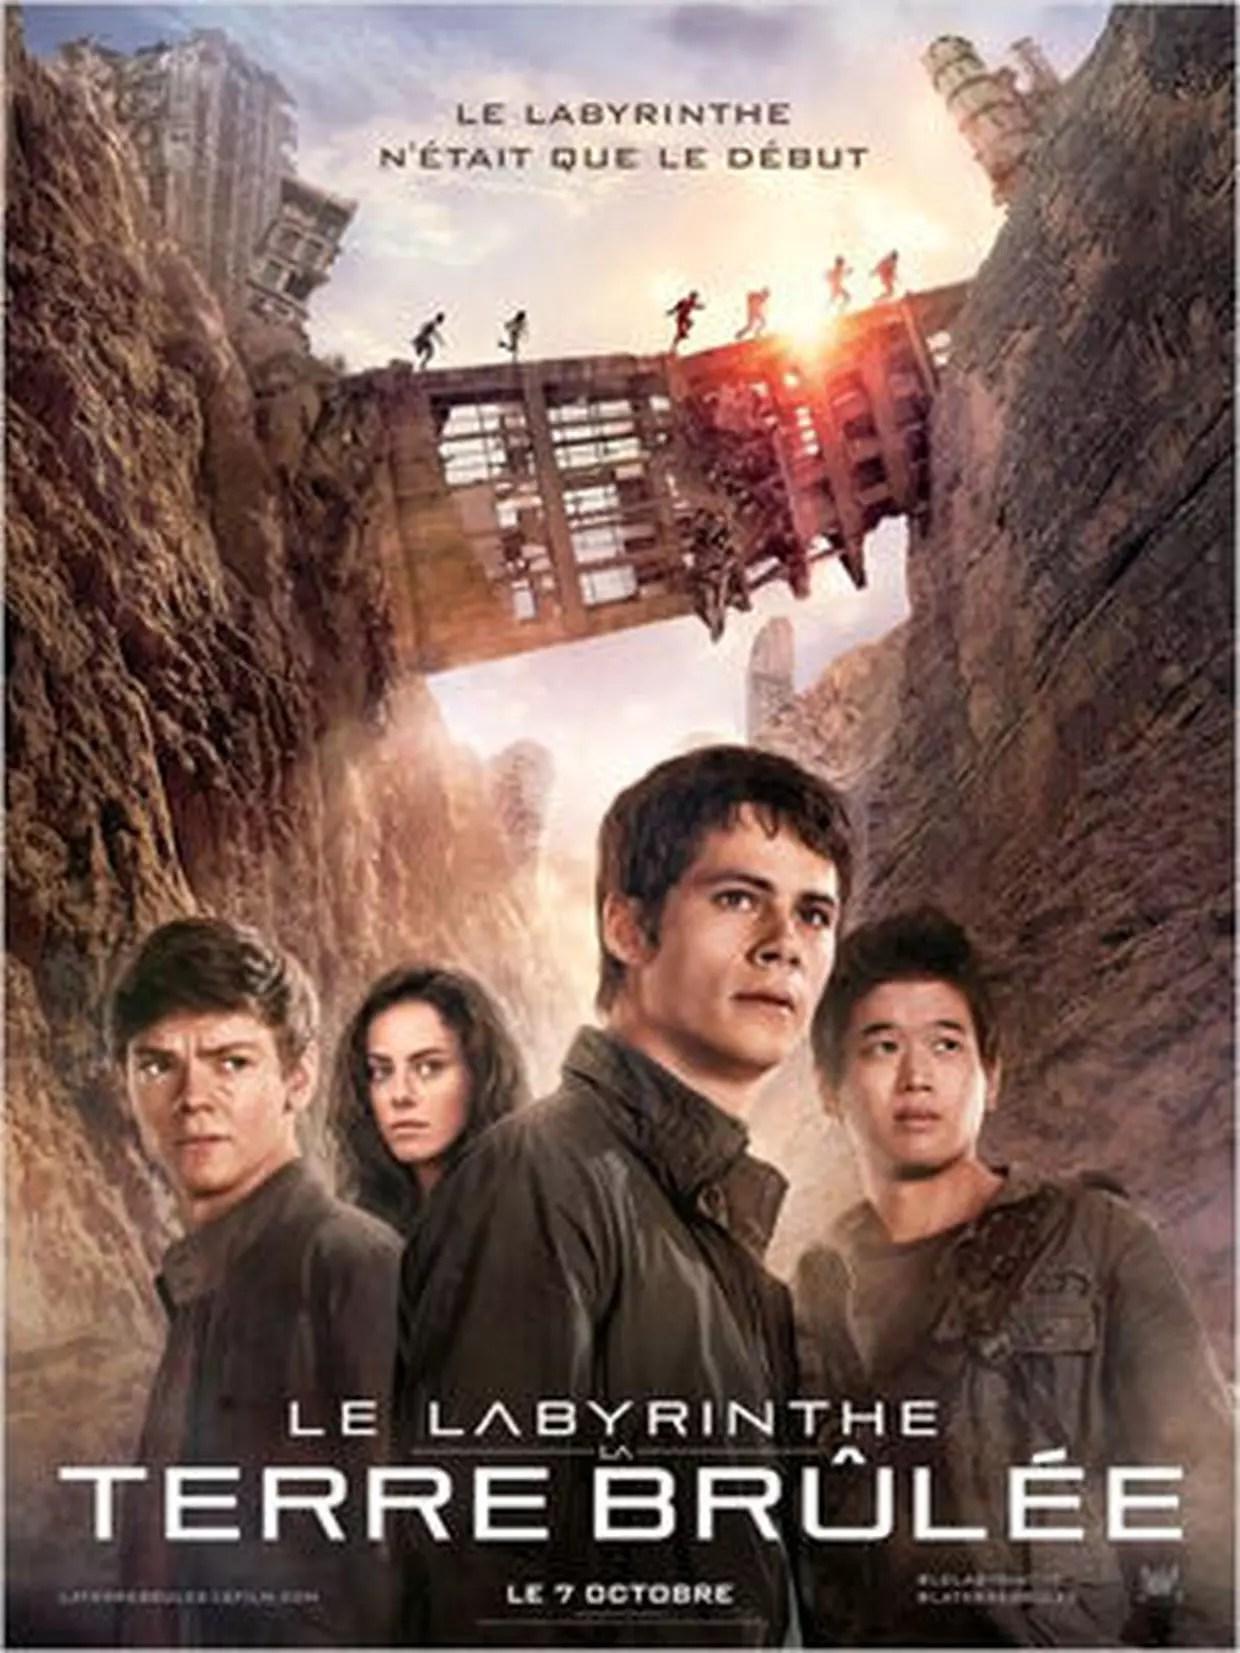 Le Labyrinthe 1 Film Complet En Francais : labyrinthe, complet, francais, Labyrinthe, Terre, Brûlée, Bande, Annonce, Film,, Séances,, Streaming,, Sortie,